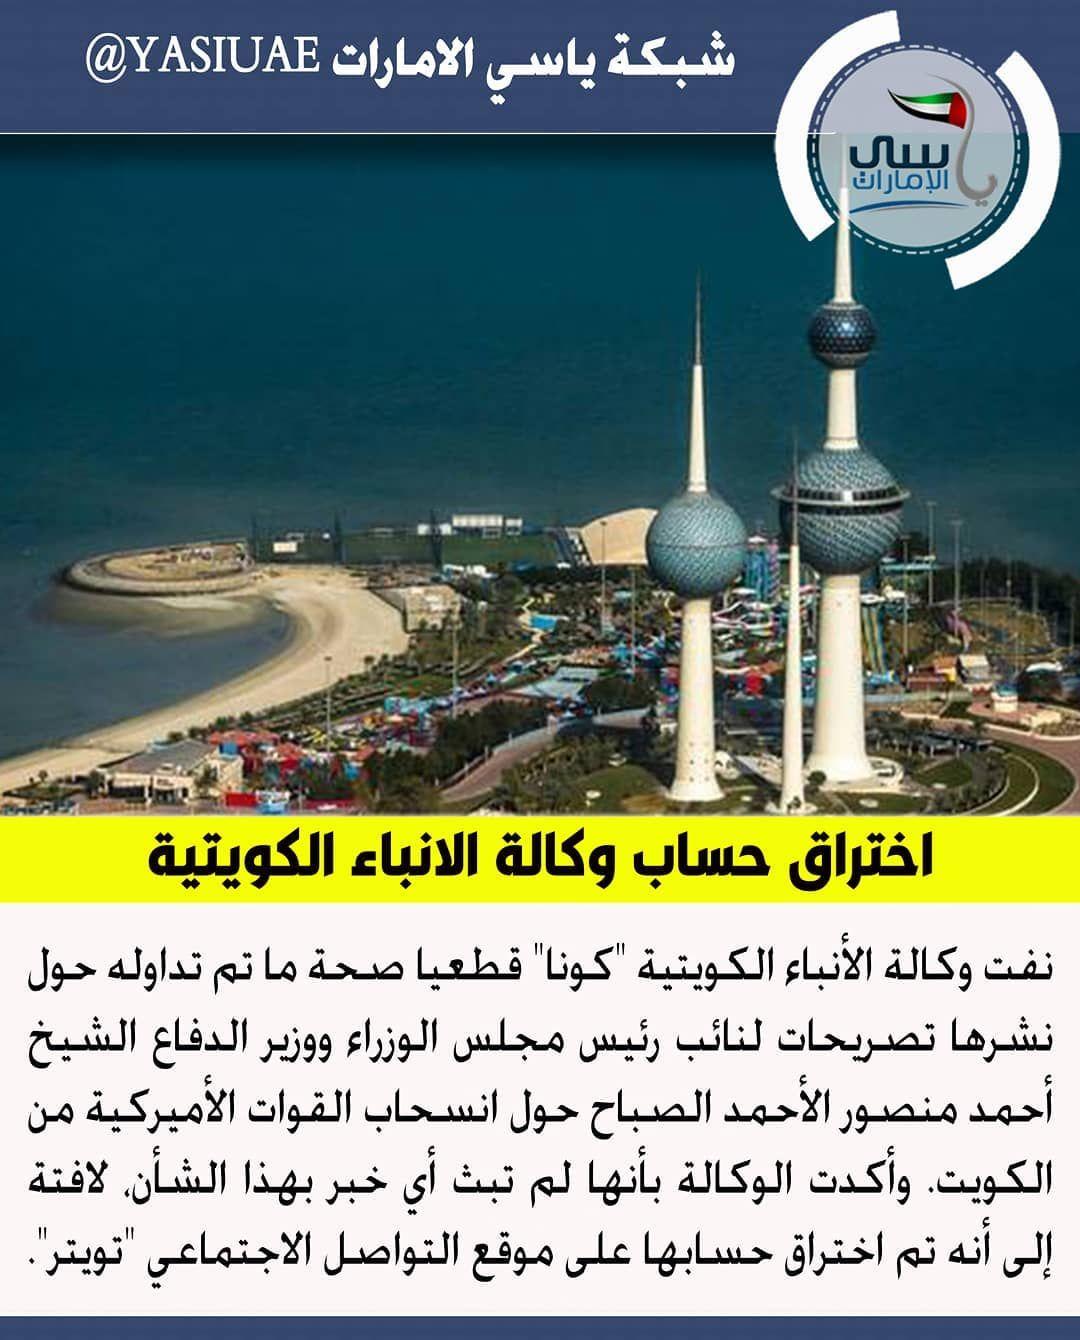 الكويت اختراق حساب وكالة الانباء الكويتية ياسي الامارات شبكة ياسي الامارات كويتي اخبار العالم امريكا Wind Turbine Tower Landmarks